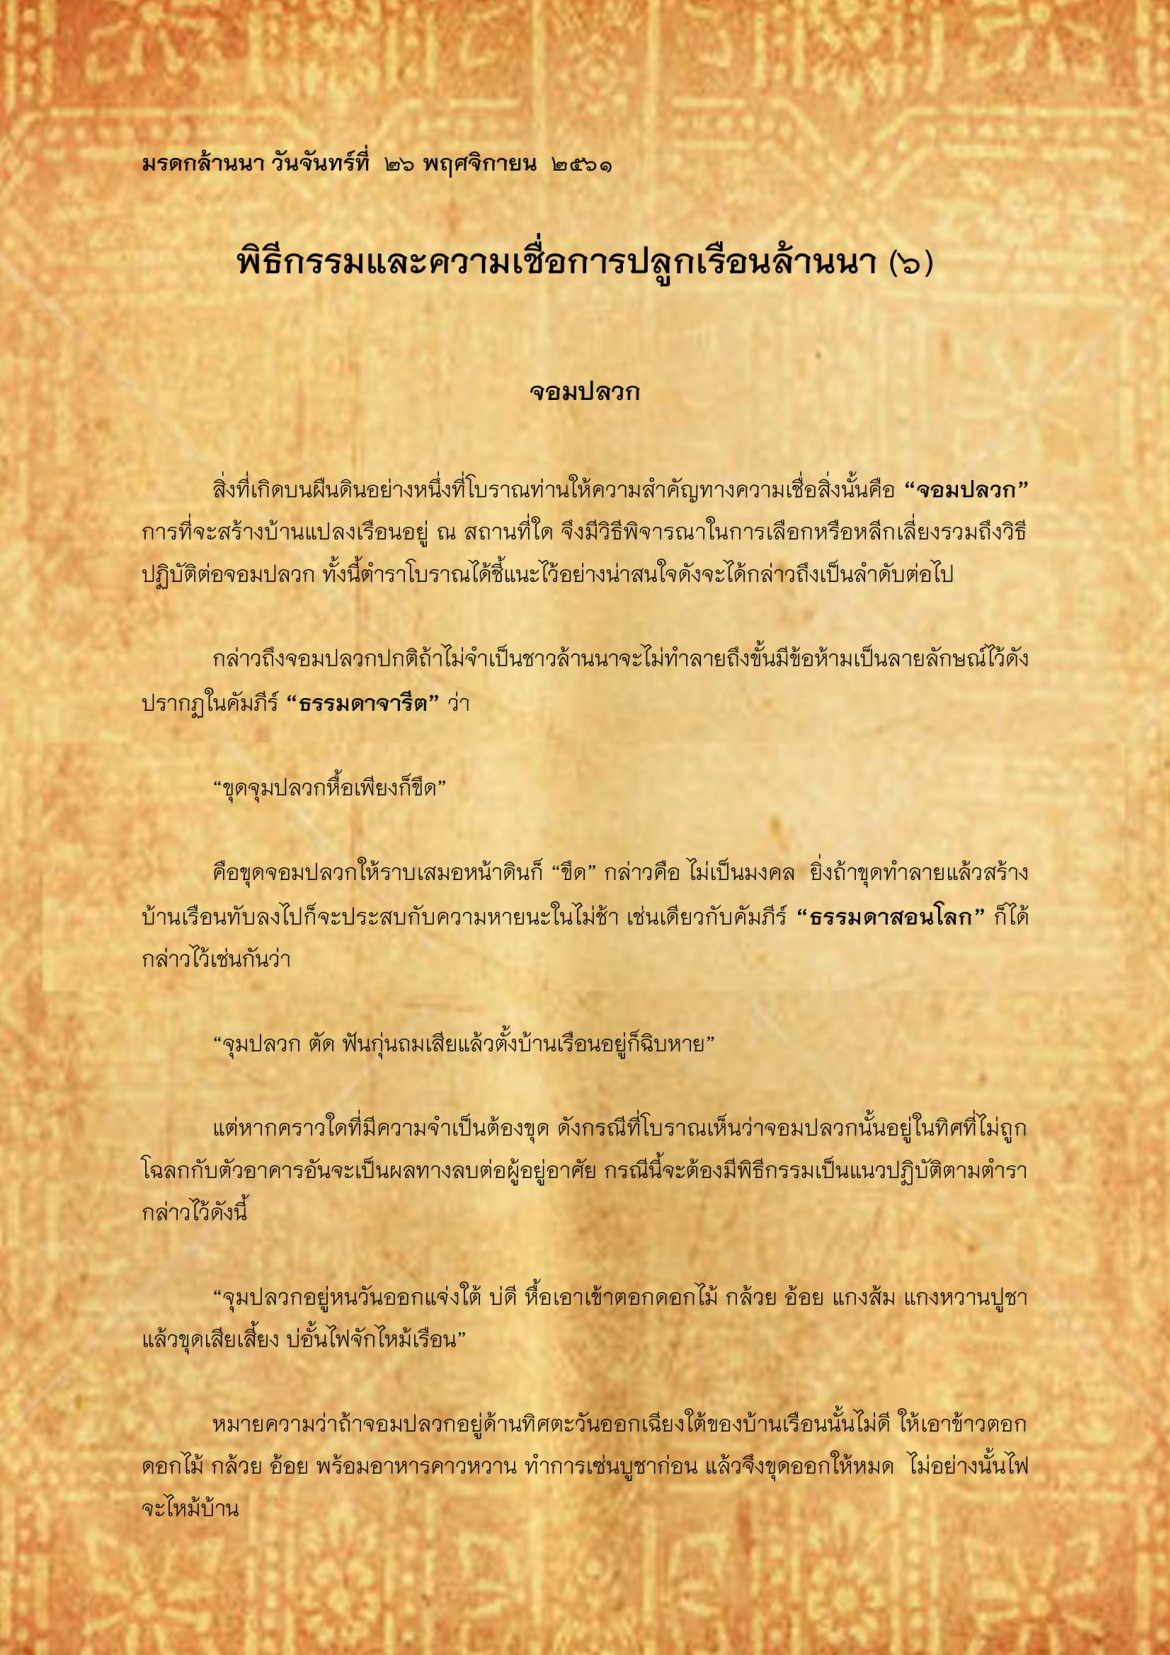 พิธีกรรมเเละความเชื่อการปลูกเรือนล้านนา(6) - 26 พฤศจิกายน 2561